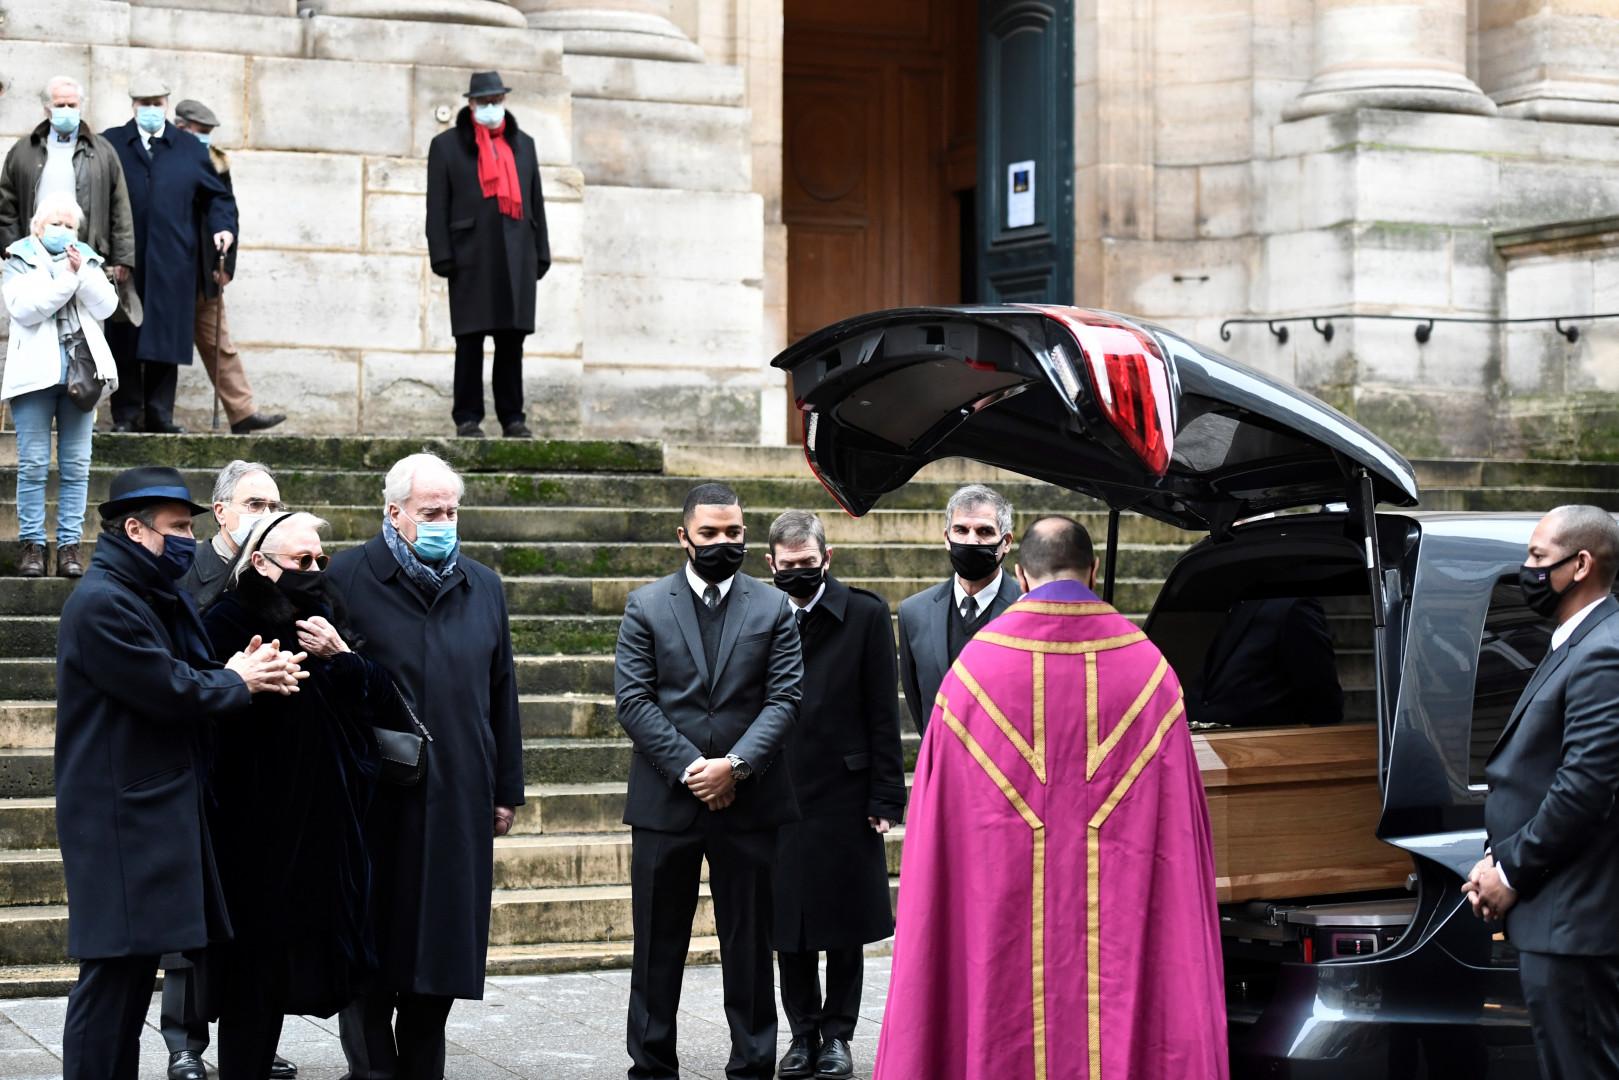 La cérémonie s'est tenue à l'église Saint-Roch à Paris, en présence de dizaines d'anonymes.